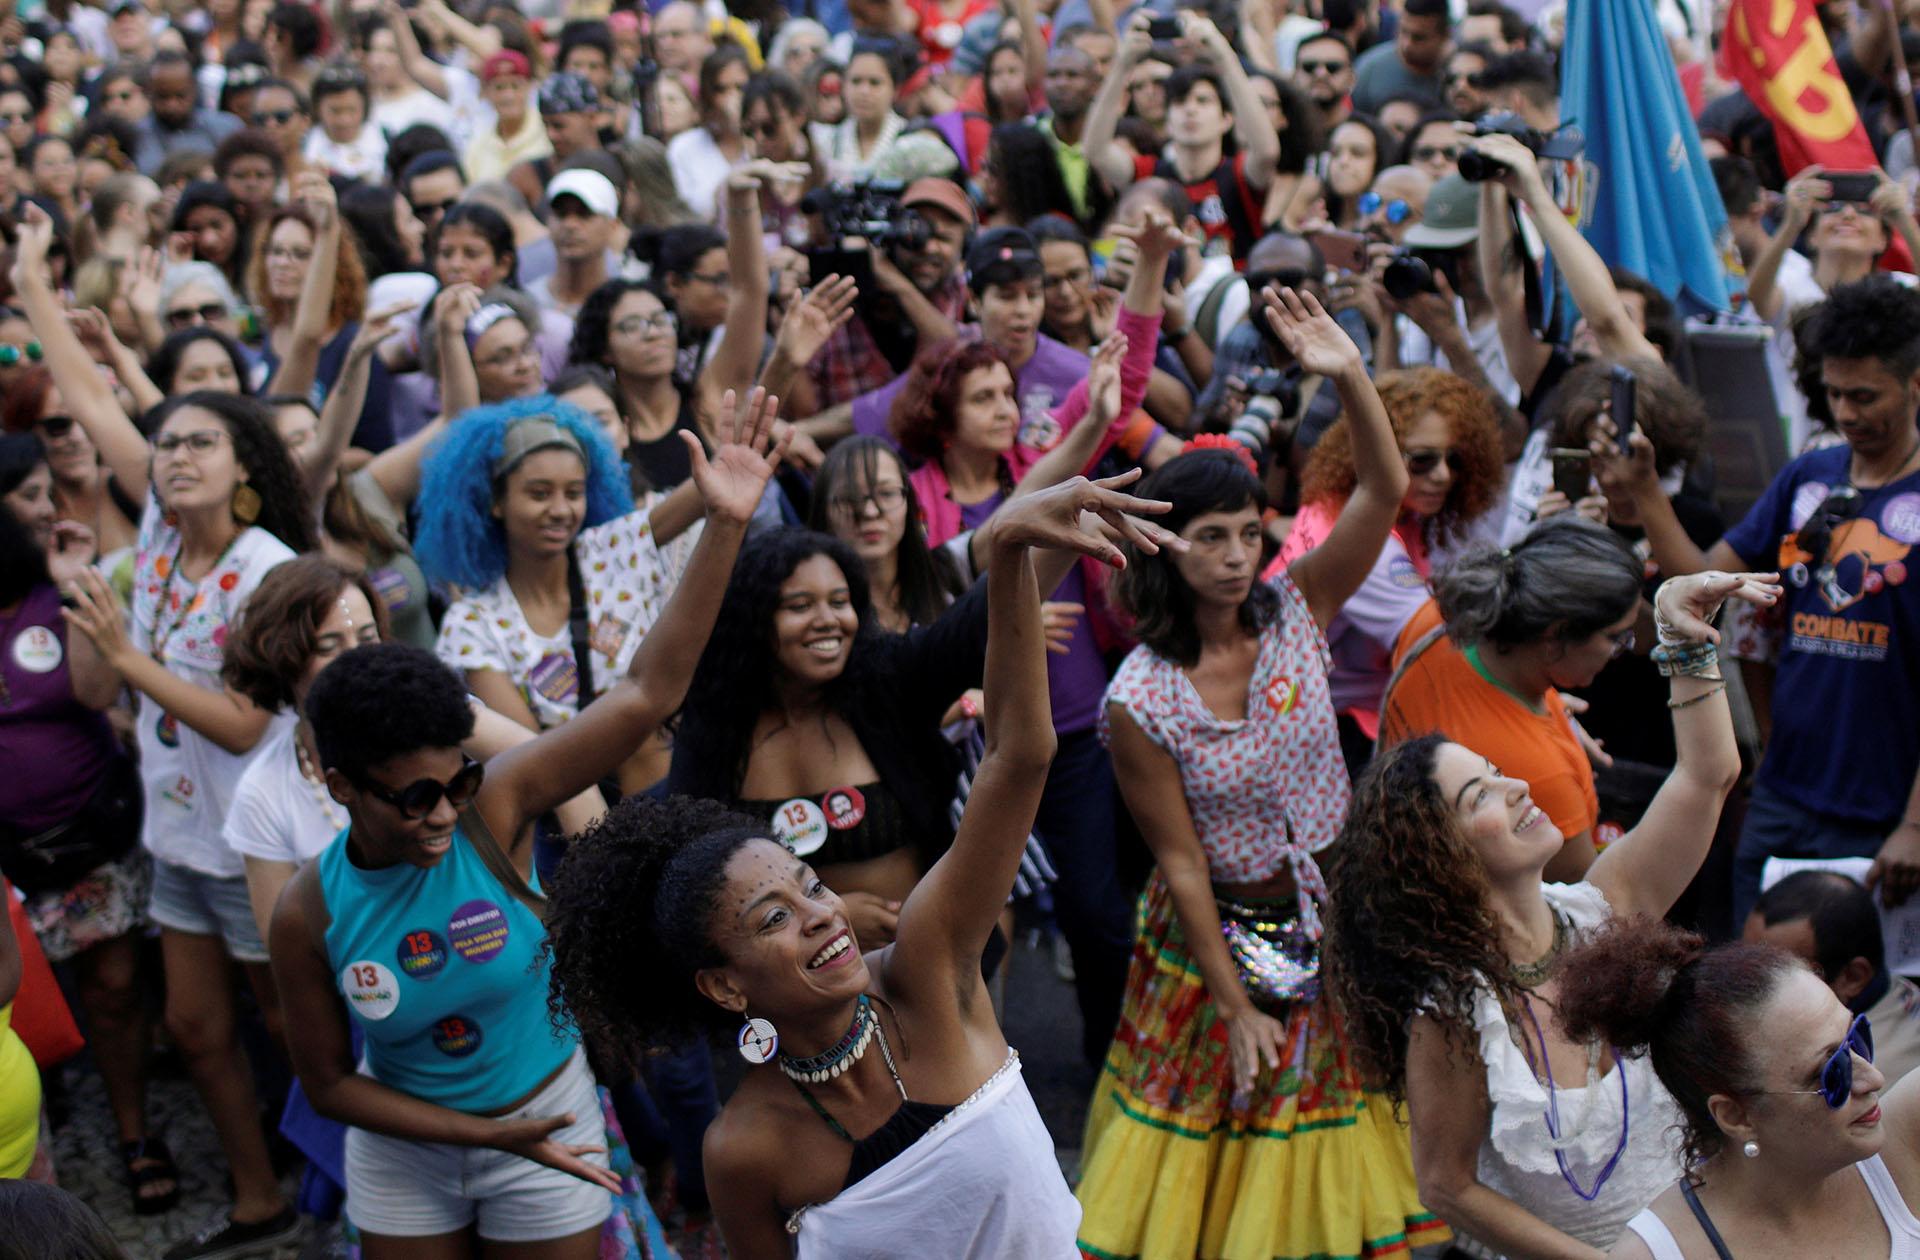 """Algunas de las asistentes portaron carteles con misivas como """"Fuera fascistas"""", """"Juntas somos más fuertes"""" y """"Mujeres en marcha por la democracia"""", durante la manifestación, convocada por diferentes movimientos sociales y feministas, los mismos que organizaron las masivas protestas del pasado 29 de septiembre"""